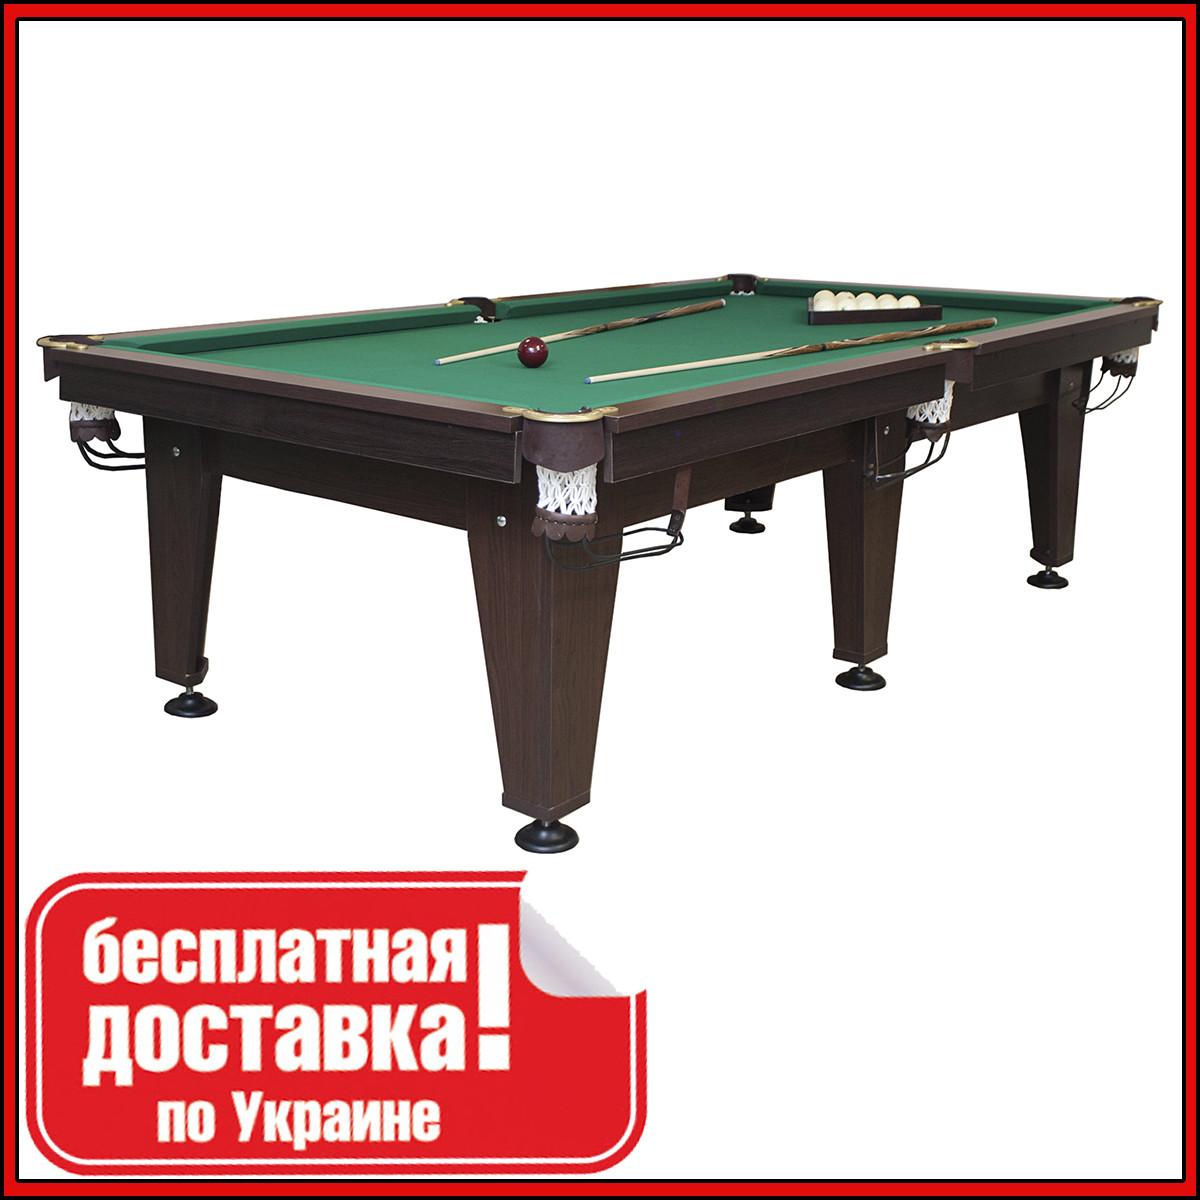 Більярдний стіл для пулу ОСКАР 8 футів ЛДСП 2.2 м х 1.1 м з натурального дерева